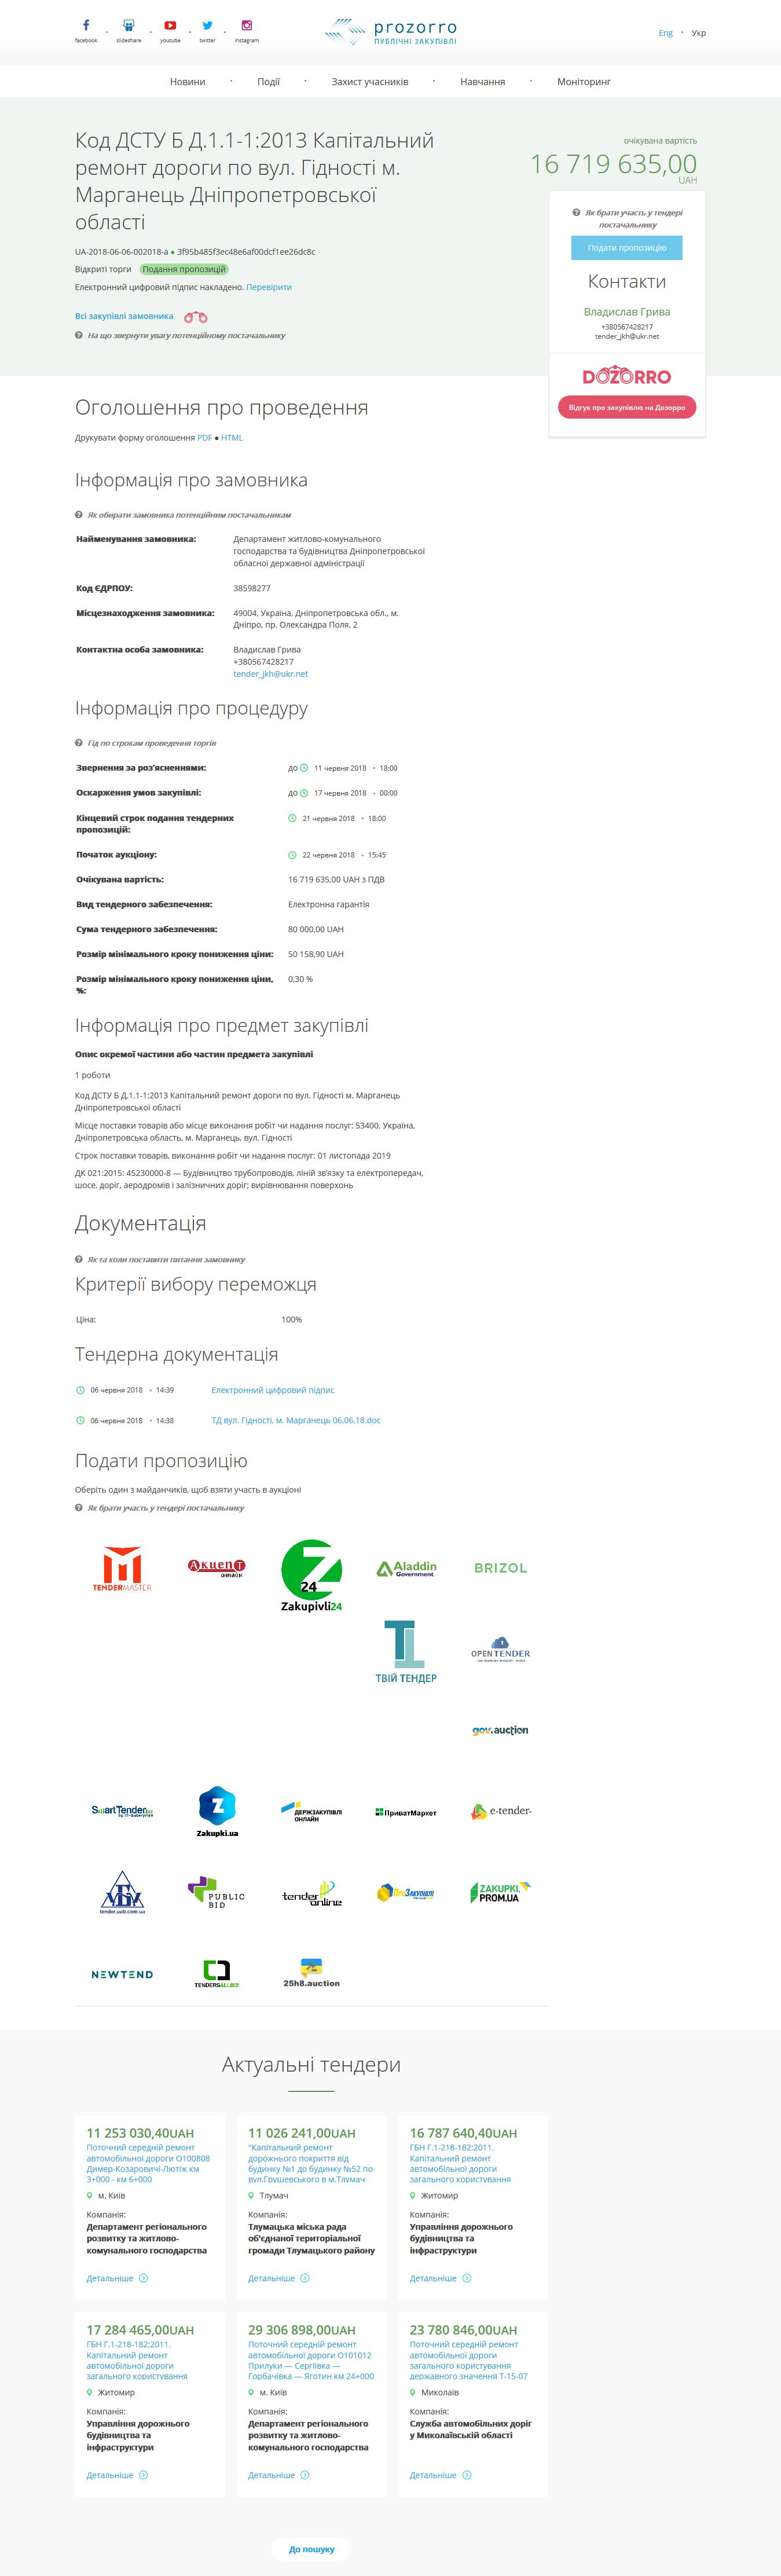 Screenshot-2018-6-14 Код ДСТУ Б Д 1 1-1 2013 Капітальний ремонт дороги по вул Гідності м Марганець Дніпропетровської області